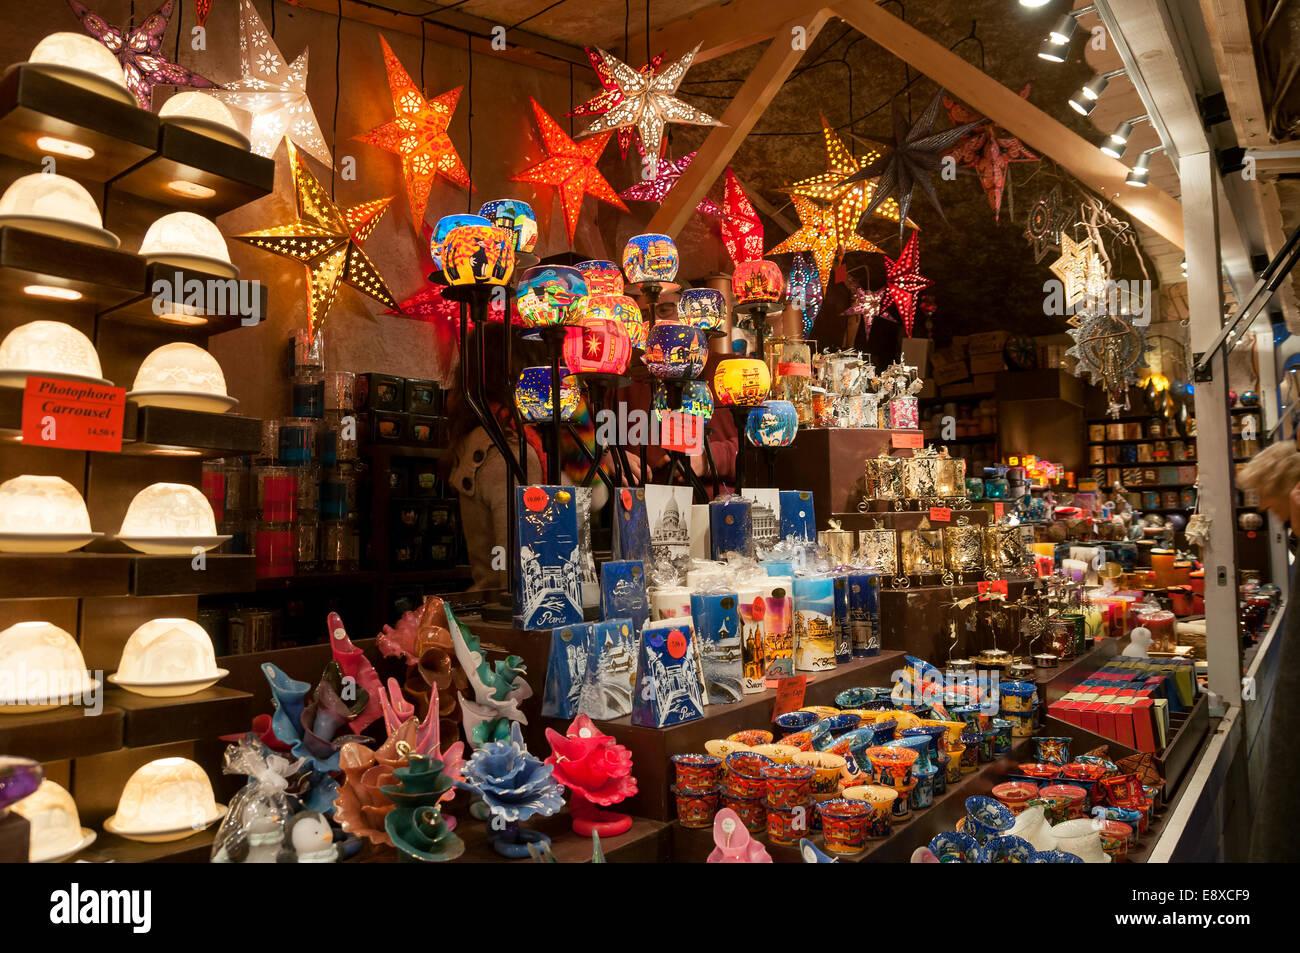 Stand al mercatino di Natale a Parigi Immagini Stock